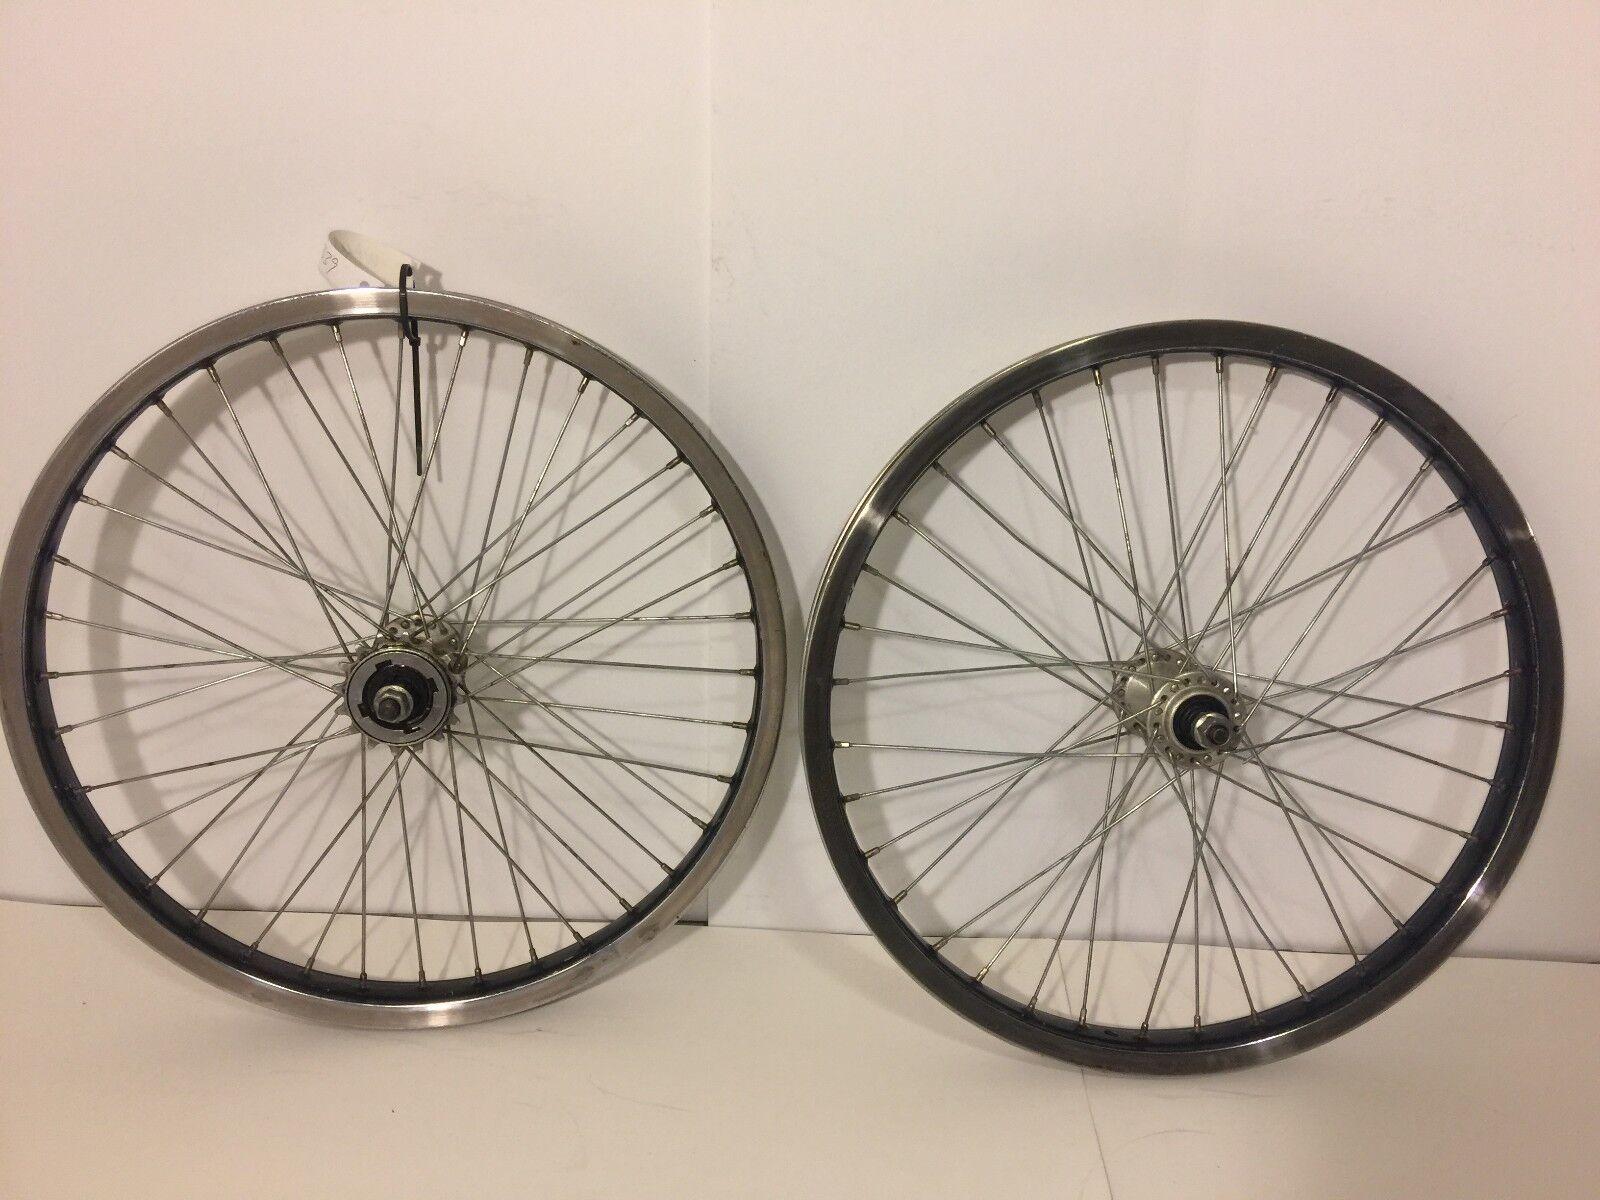 Pair of 20  BMX Bicycle Wheels Steel ACS 1993 Old School Bike 339